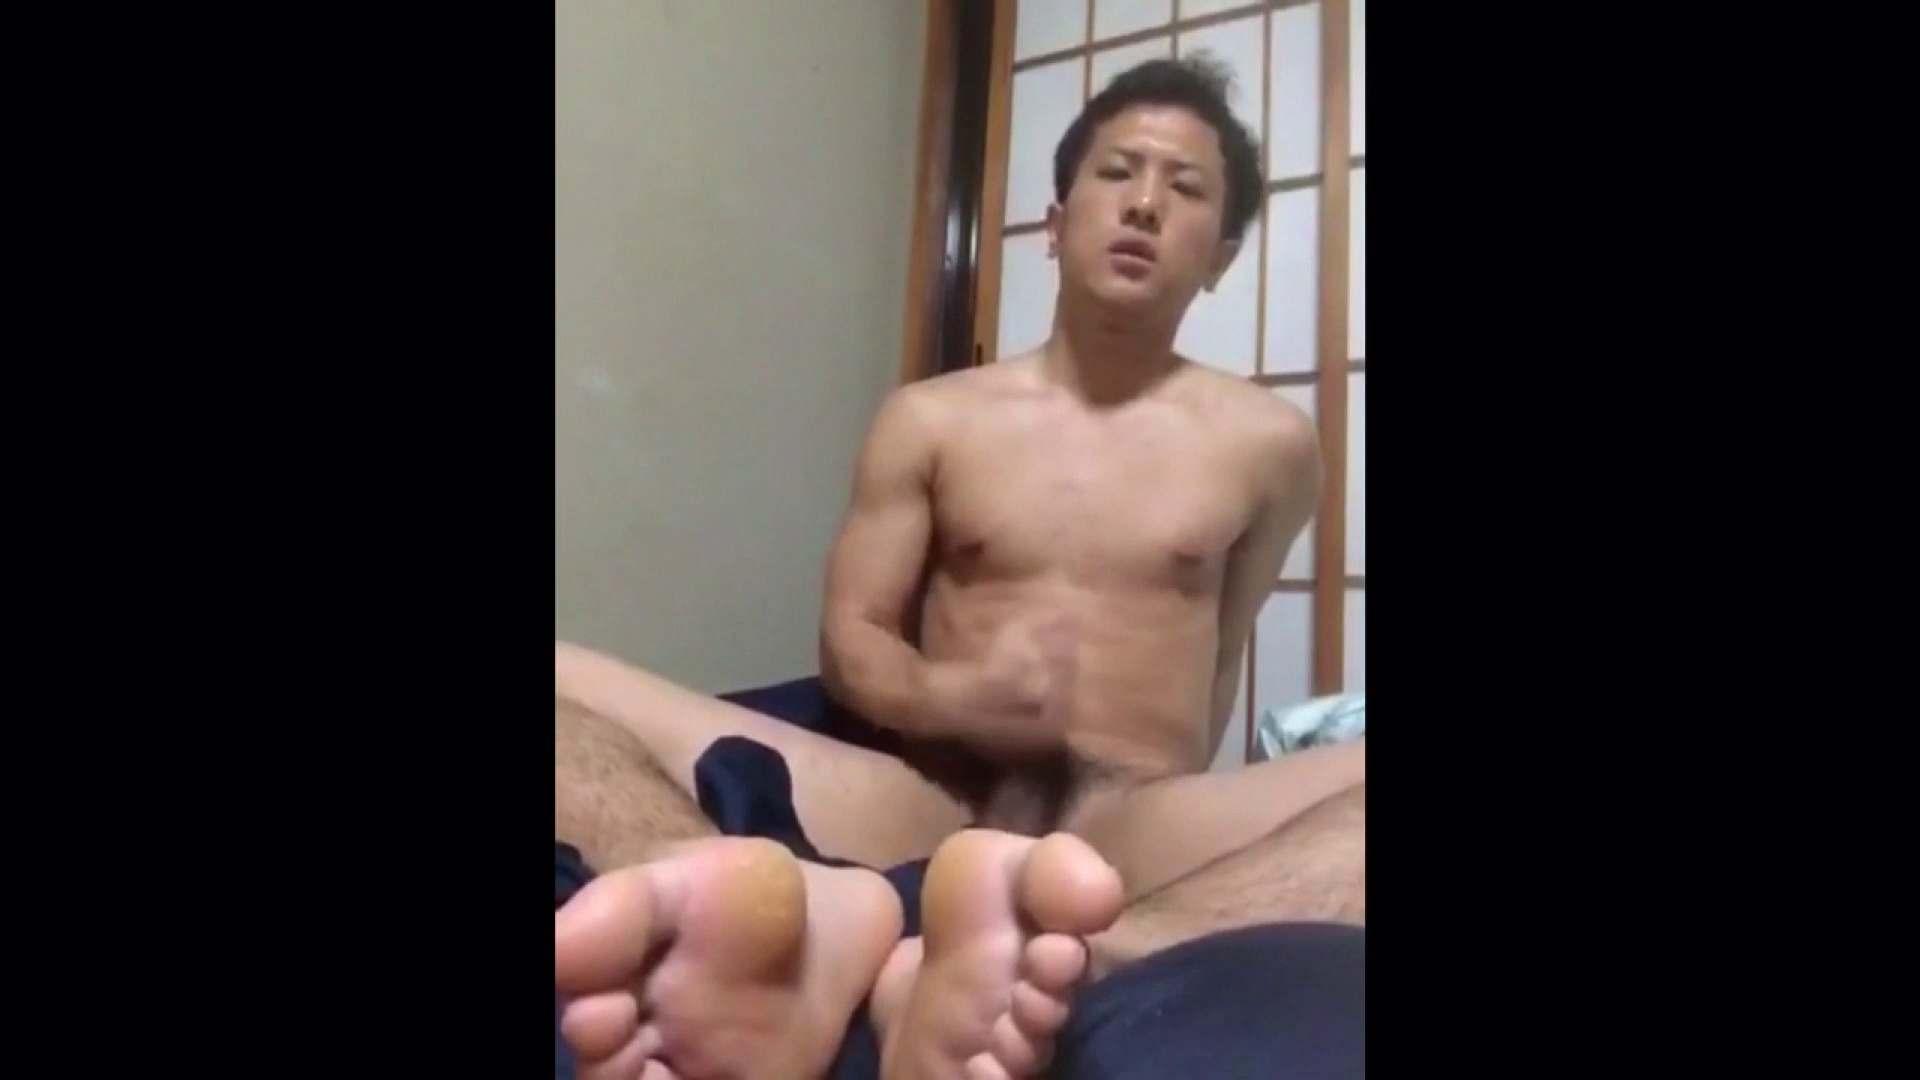 個人撮影 自慰の極意 Vol.25 ゲイの自慰 ゲイ無料エロ画像 111pic 47